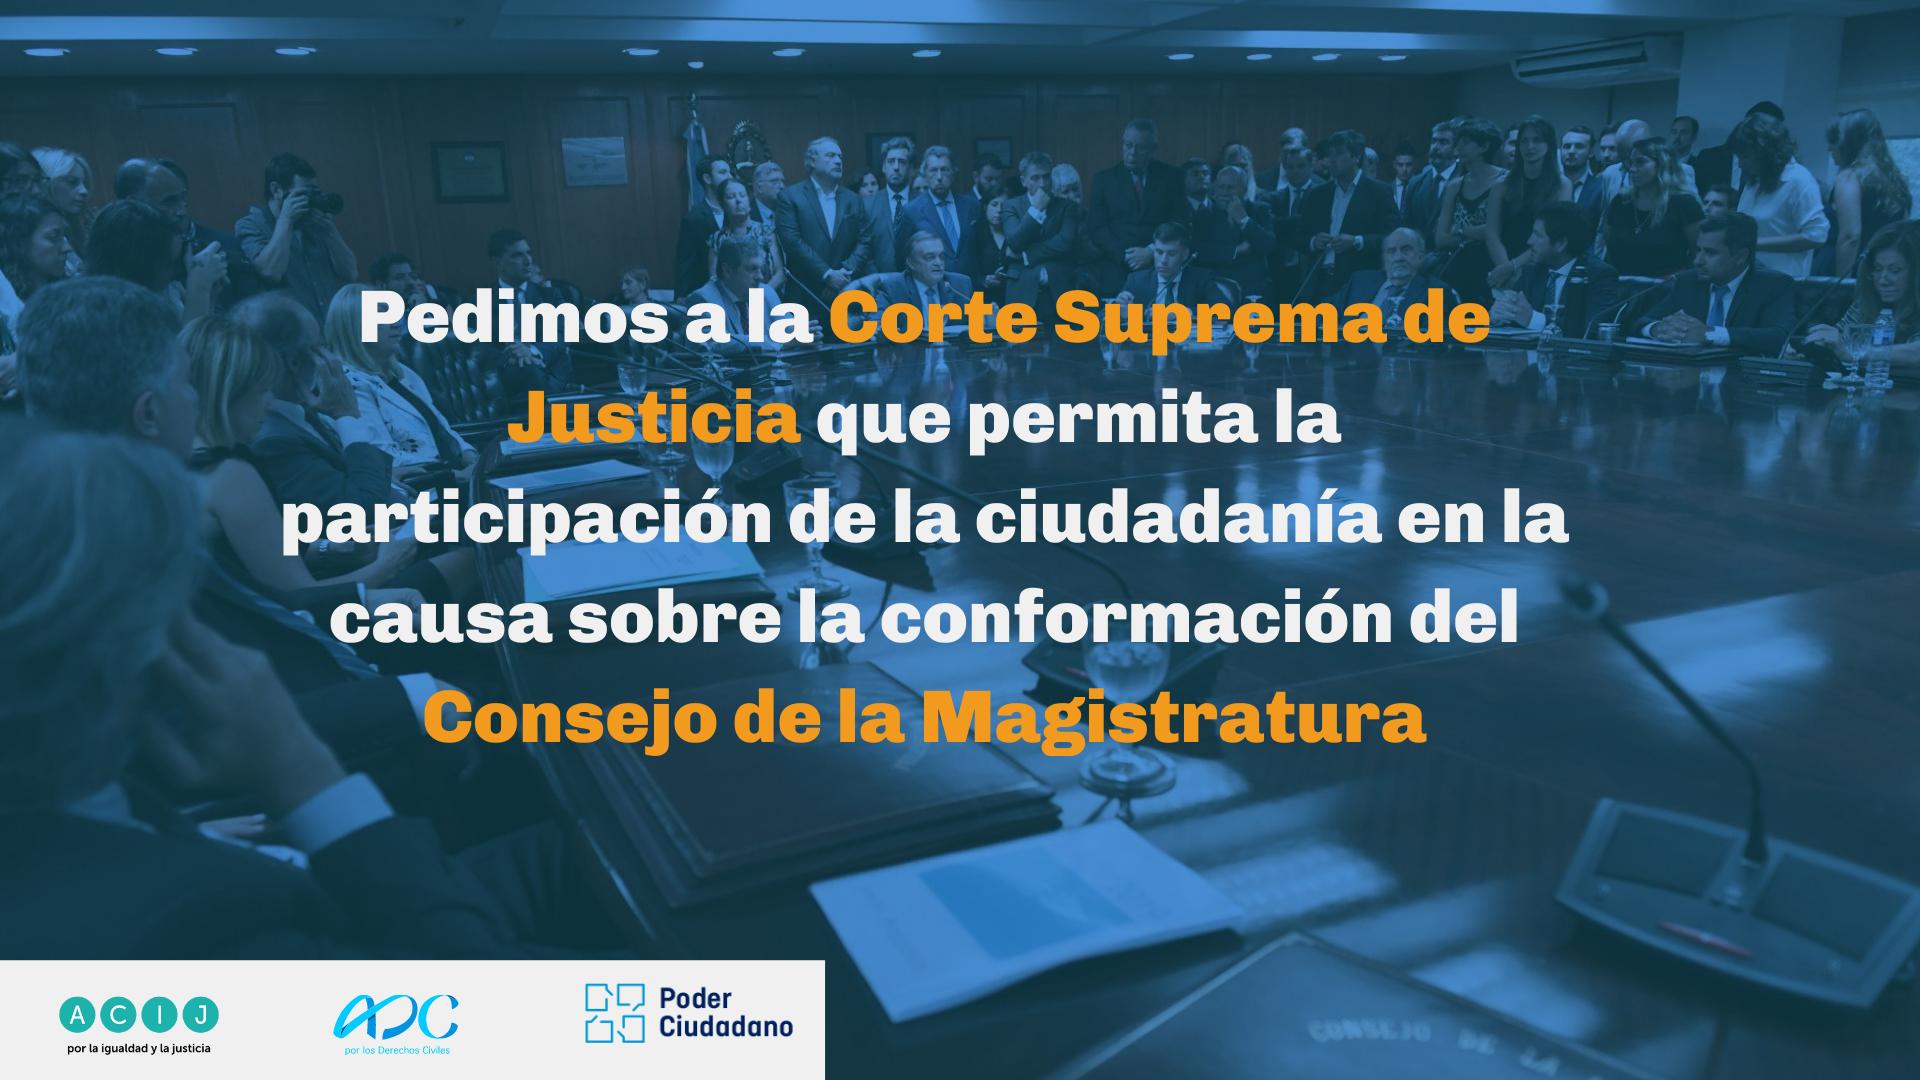 Pedimos a la Corte Suprema de Justicia que permita la participación de la ciudadanía en la causa sobre la conformación del Consejo de la Magistratura